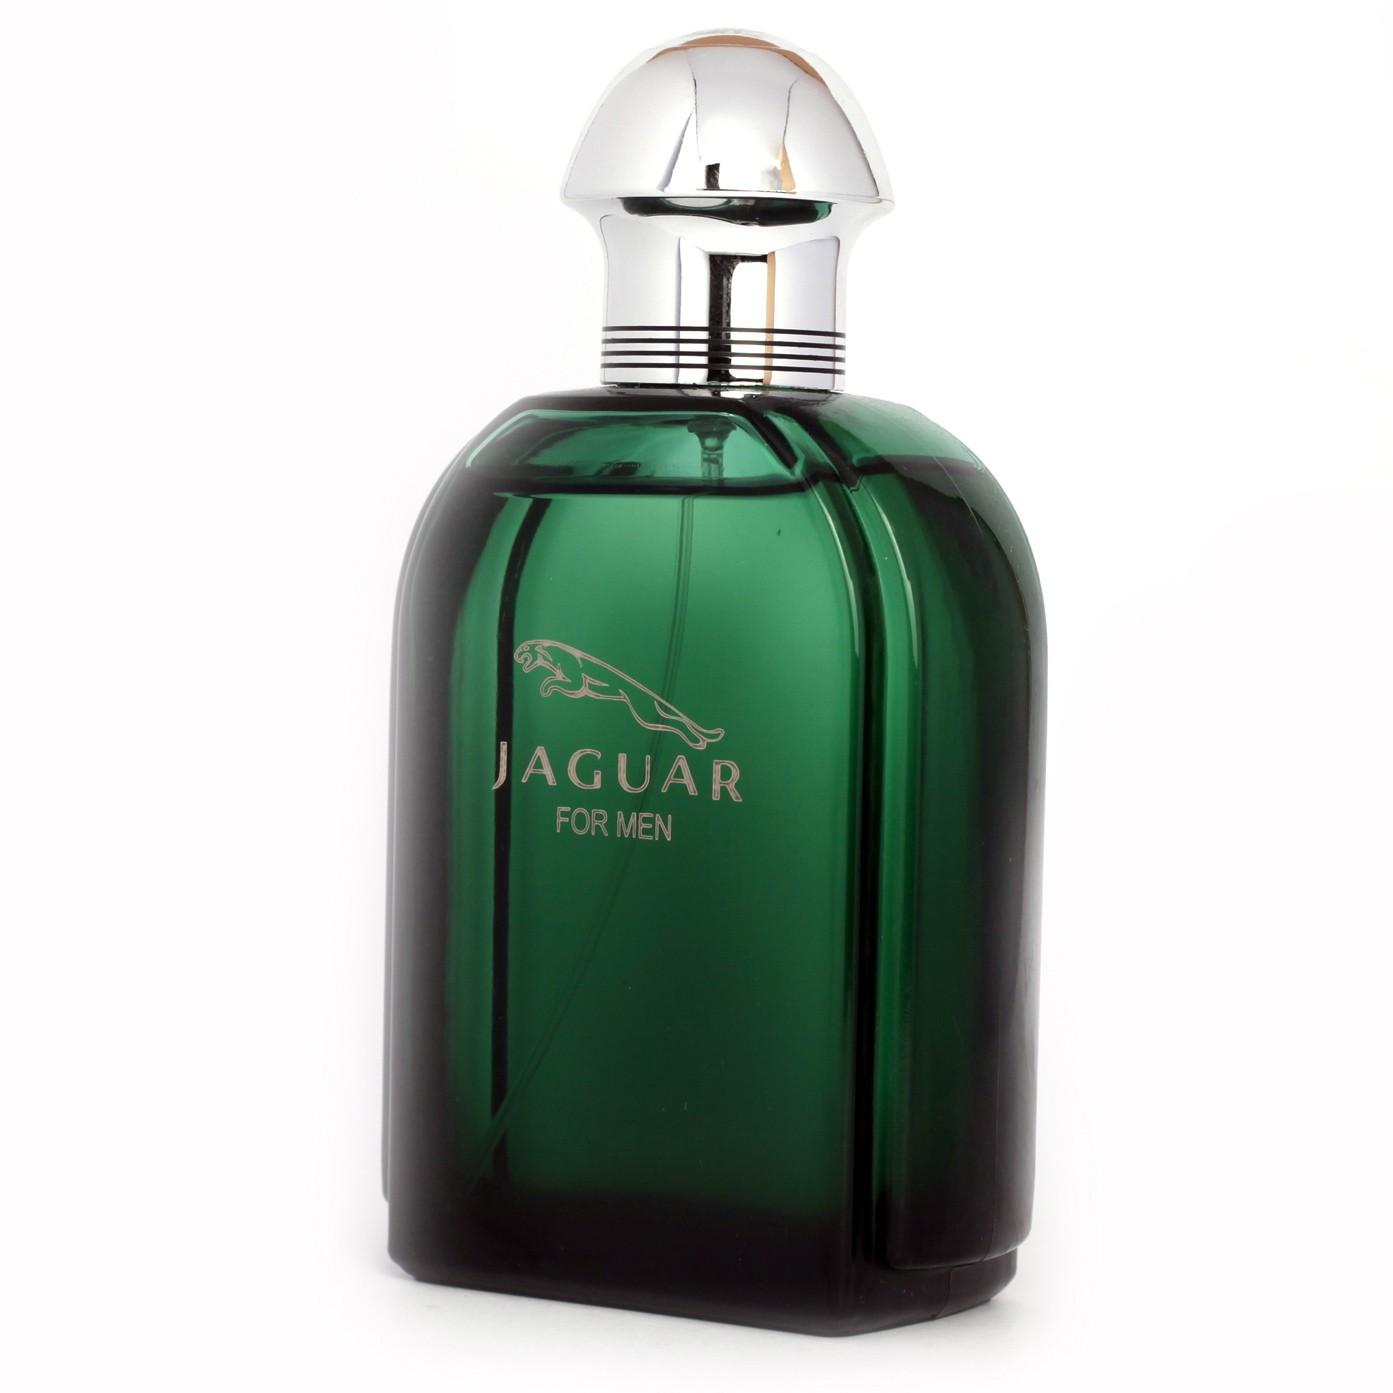 JAGUAR For Men Eau de Toilette spray 100 ml 3,4 fl.oz